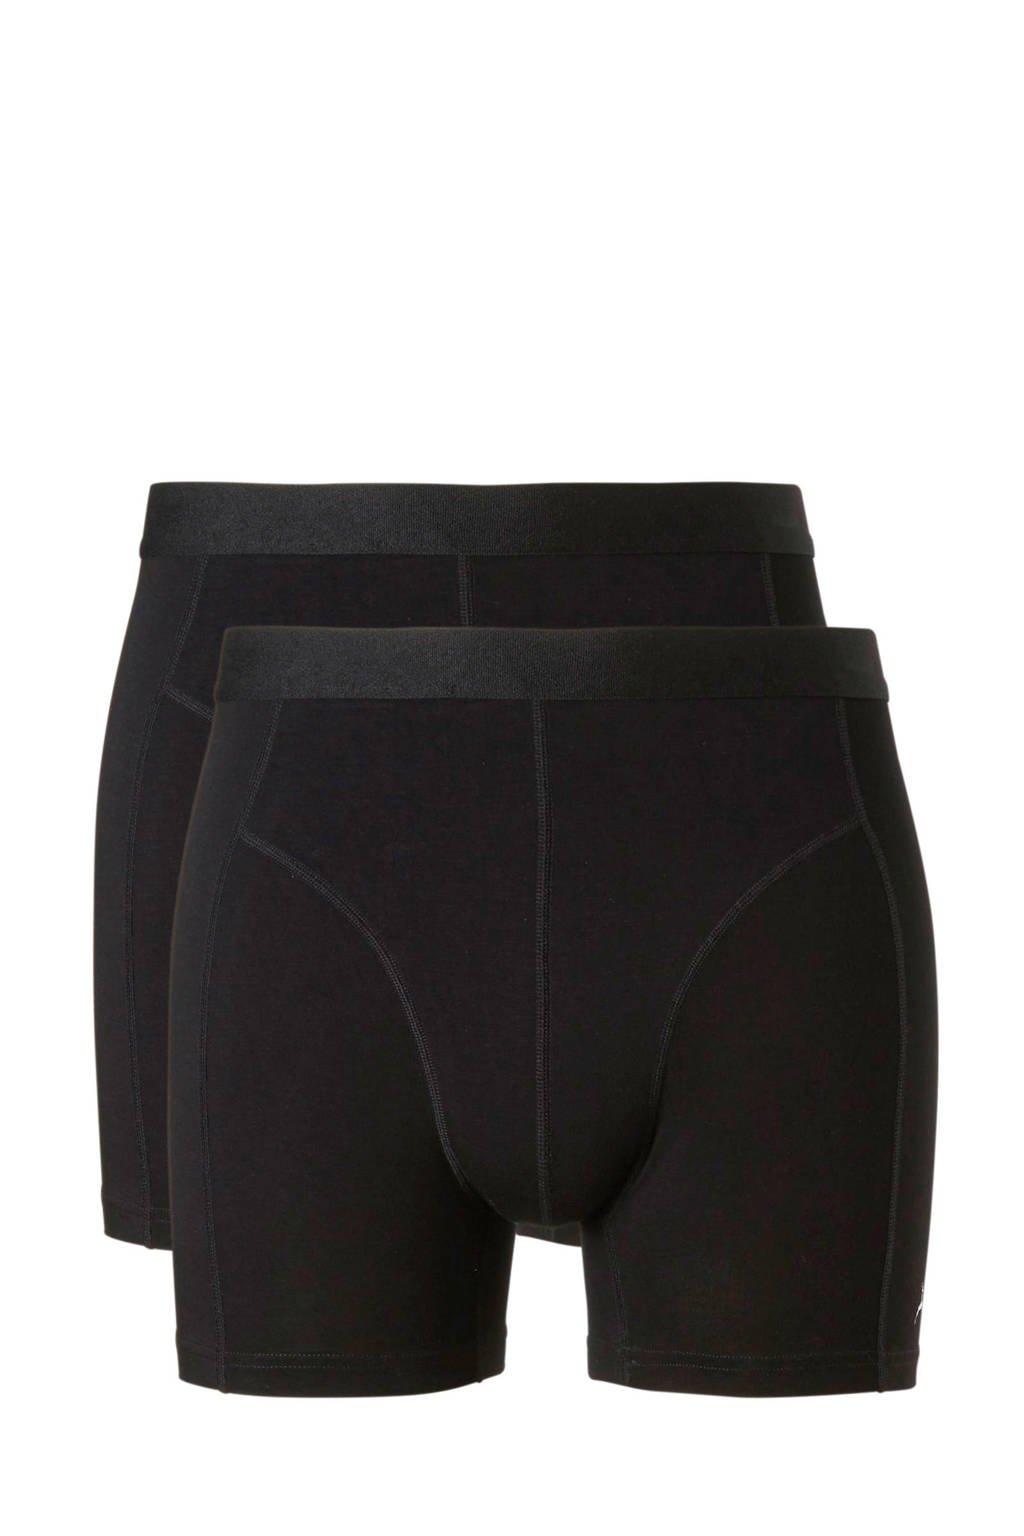 ten Cate bamboe boxershort (set van 2) zwart, Zwart